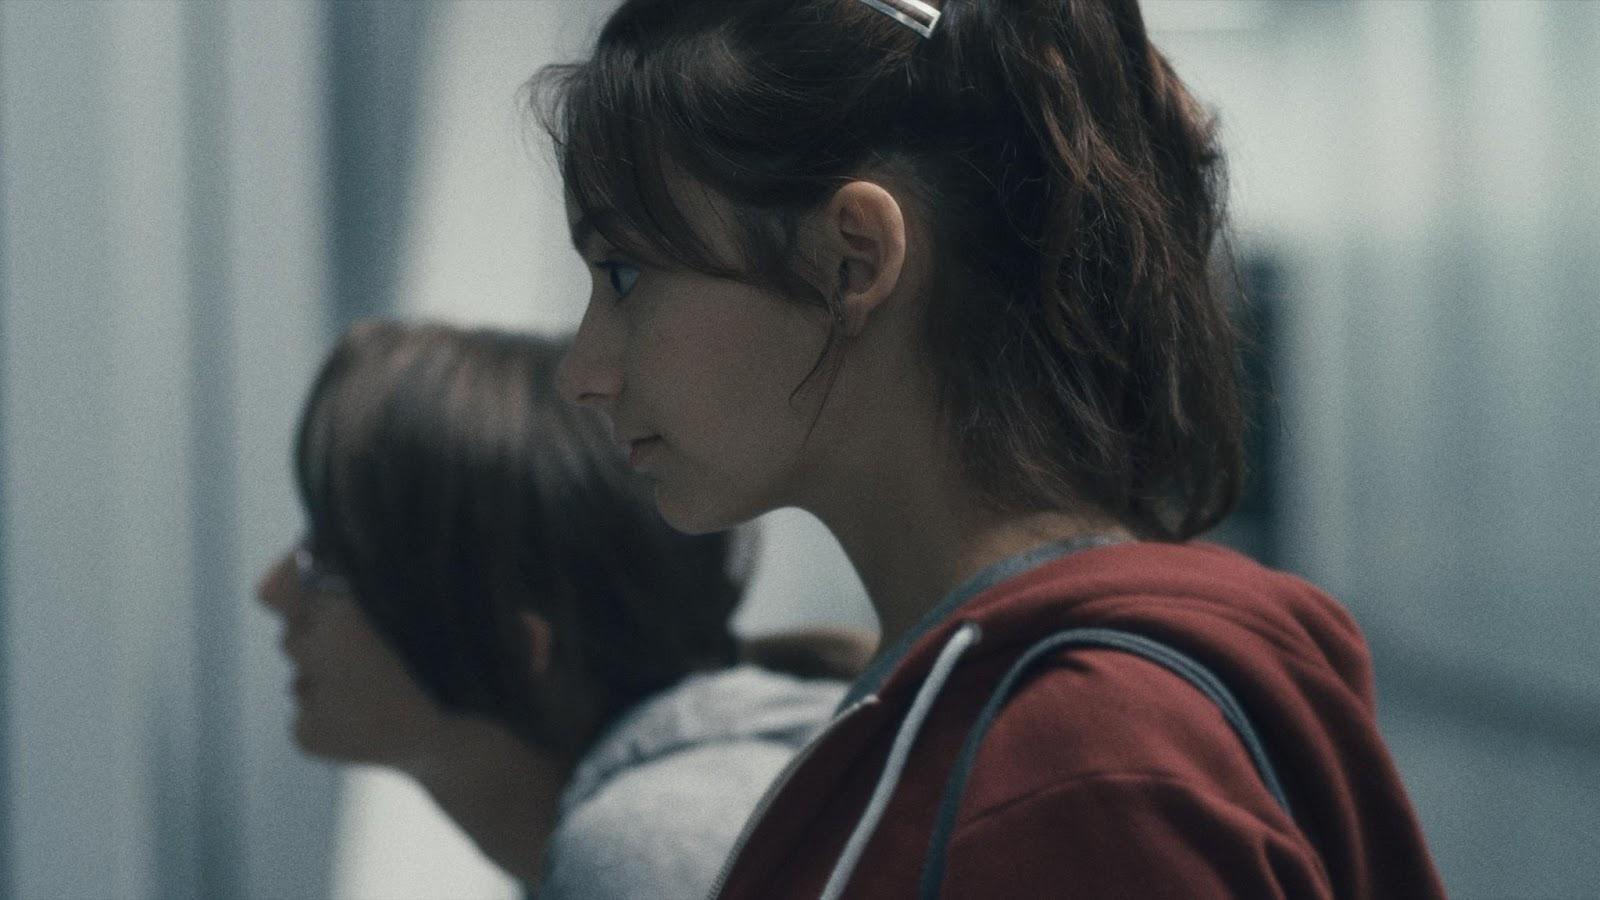 Personaje Sara frente al espejo en película 'sarah prefiere correr'